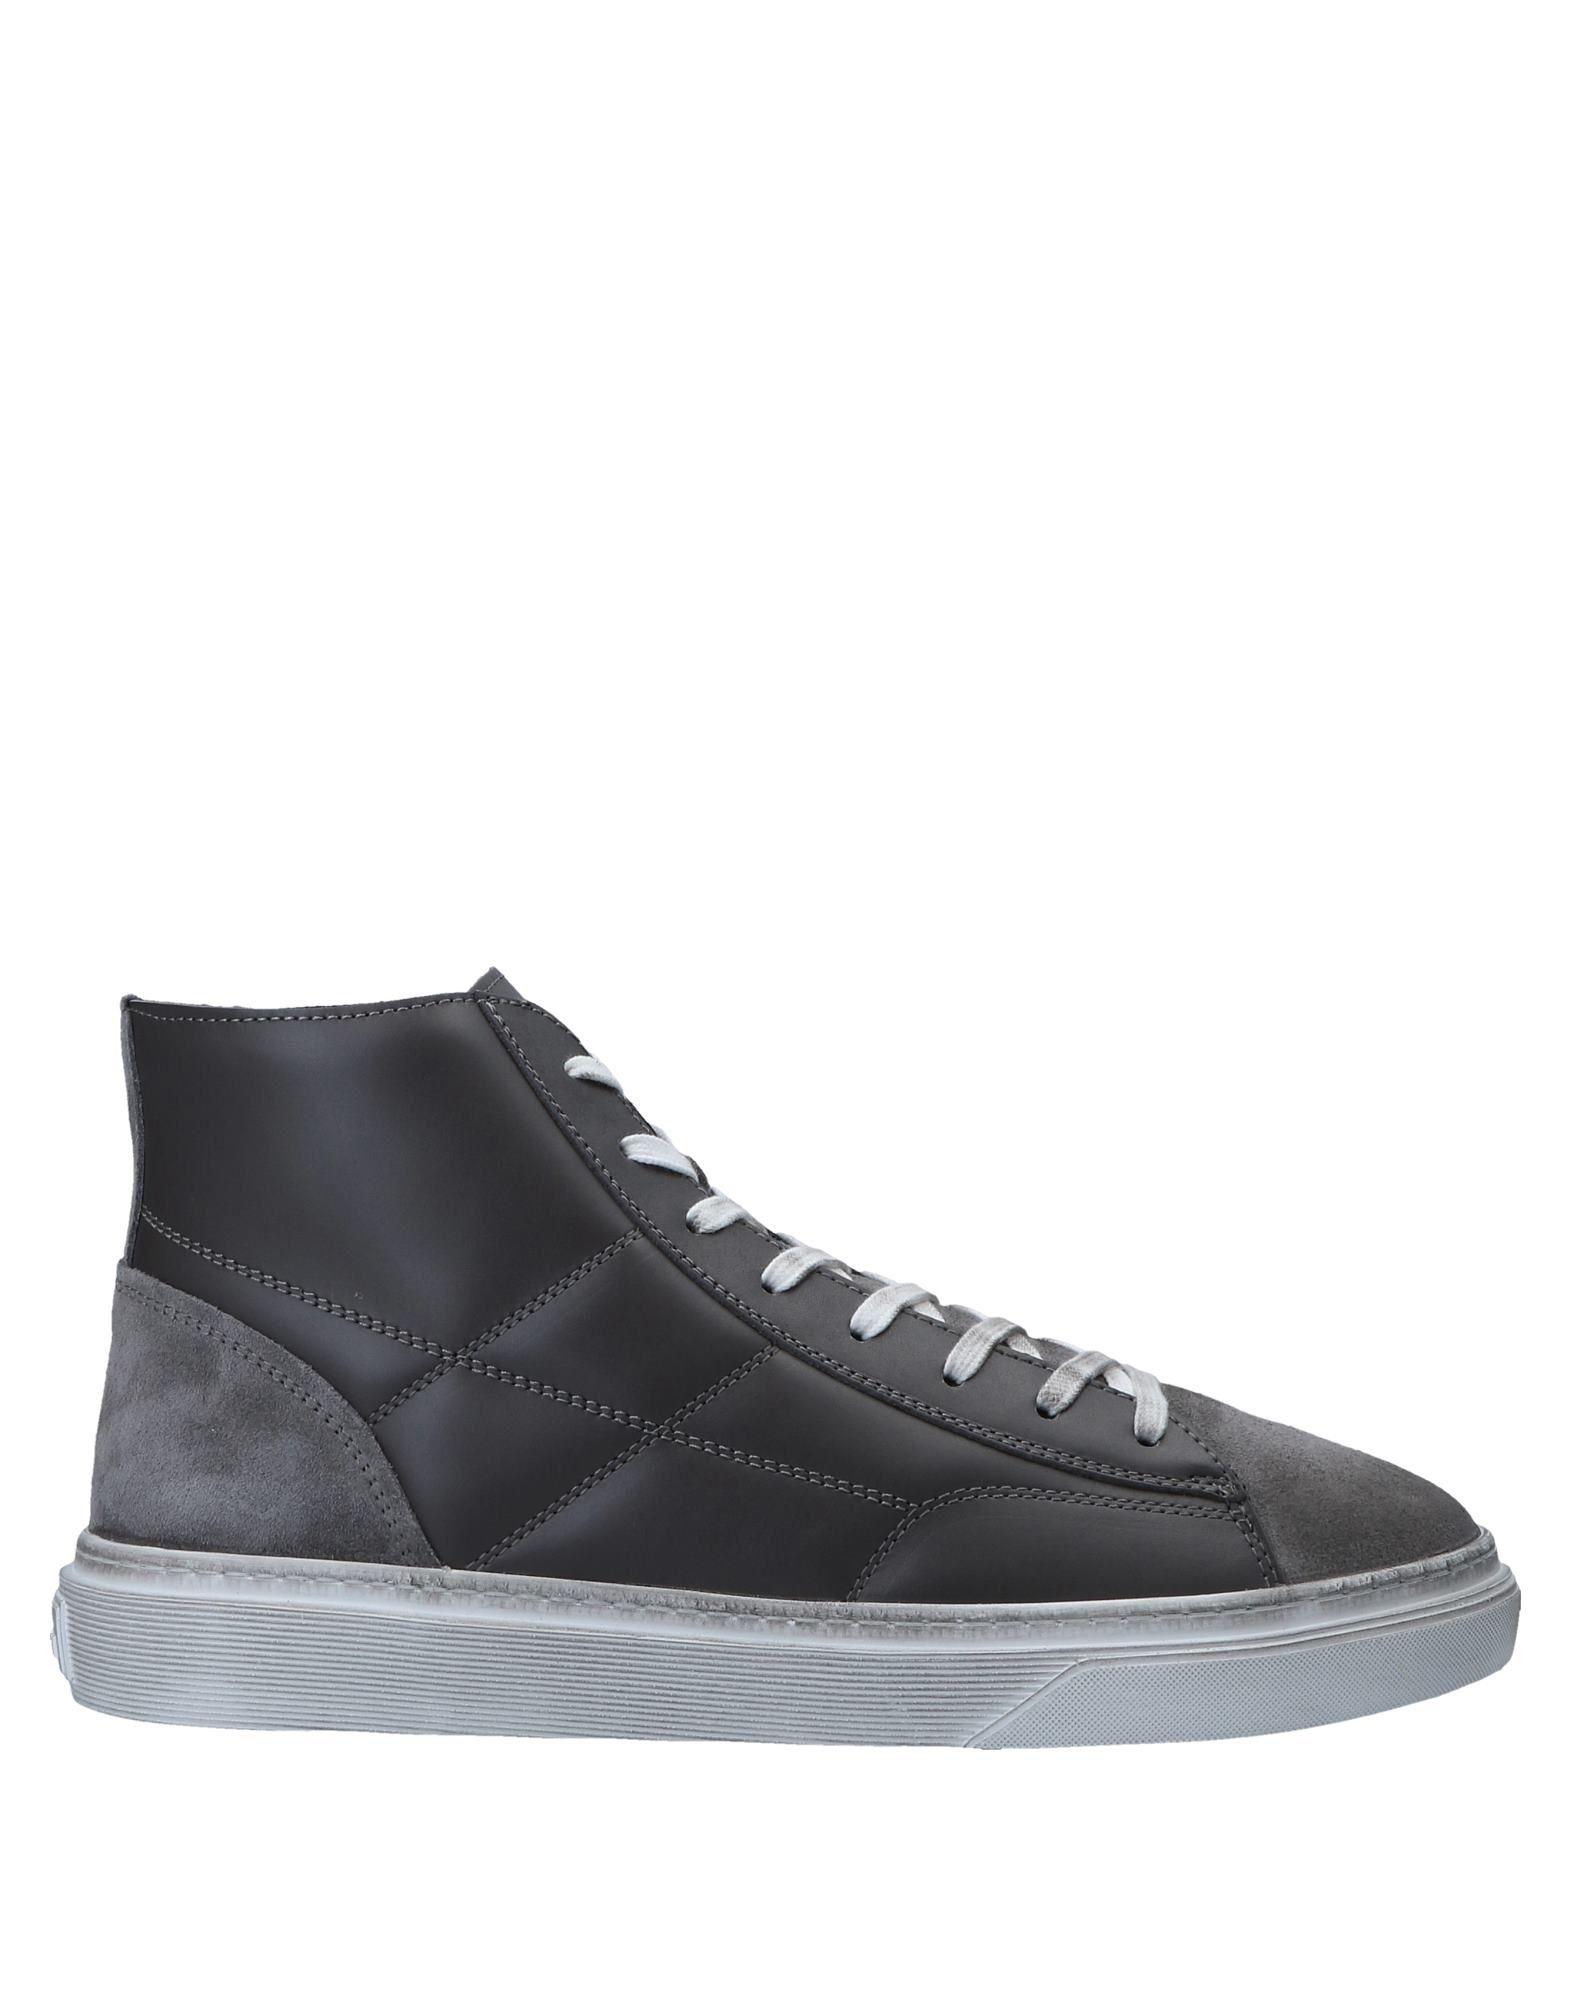 Hogan Sneakers Herren  11559623EE Gute Qualität beliebte Schuhe